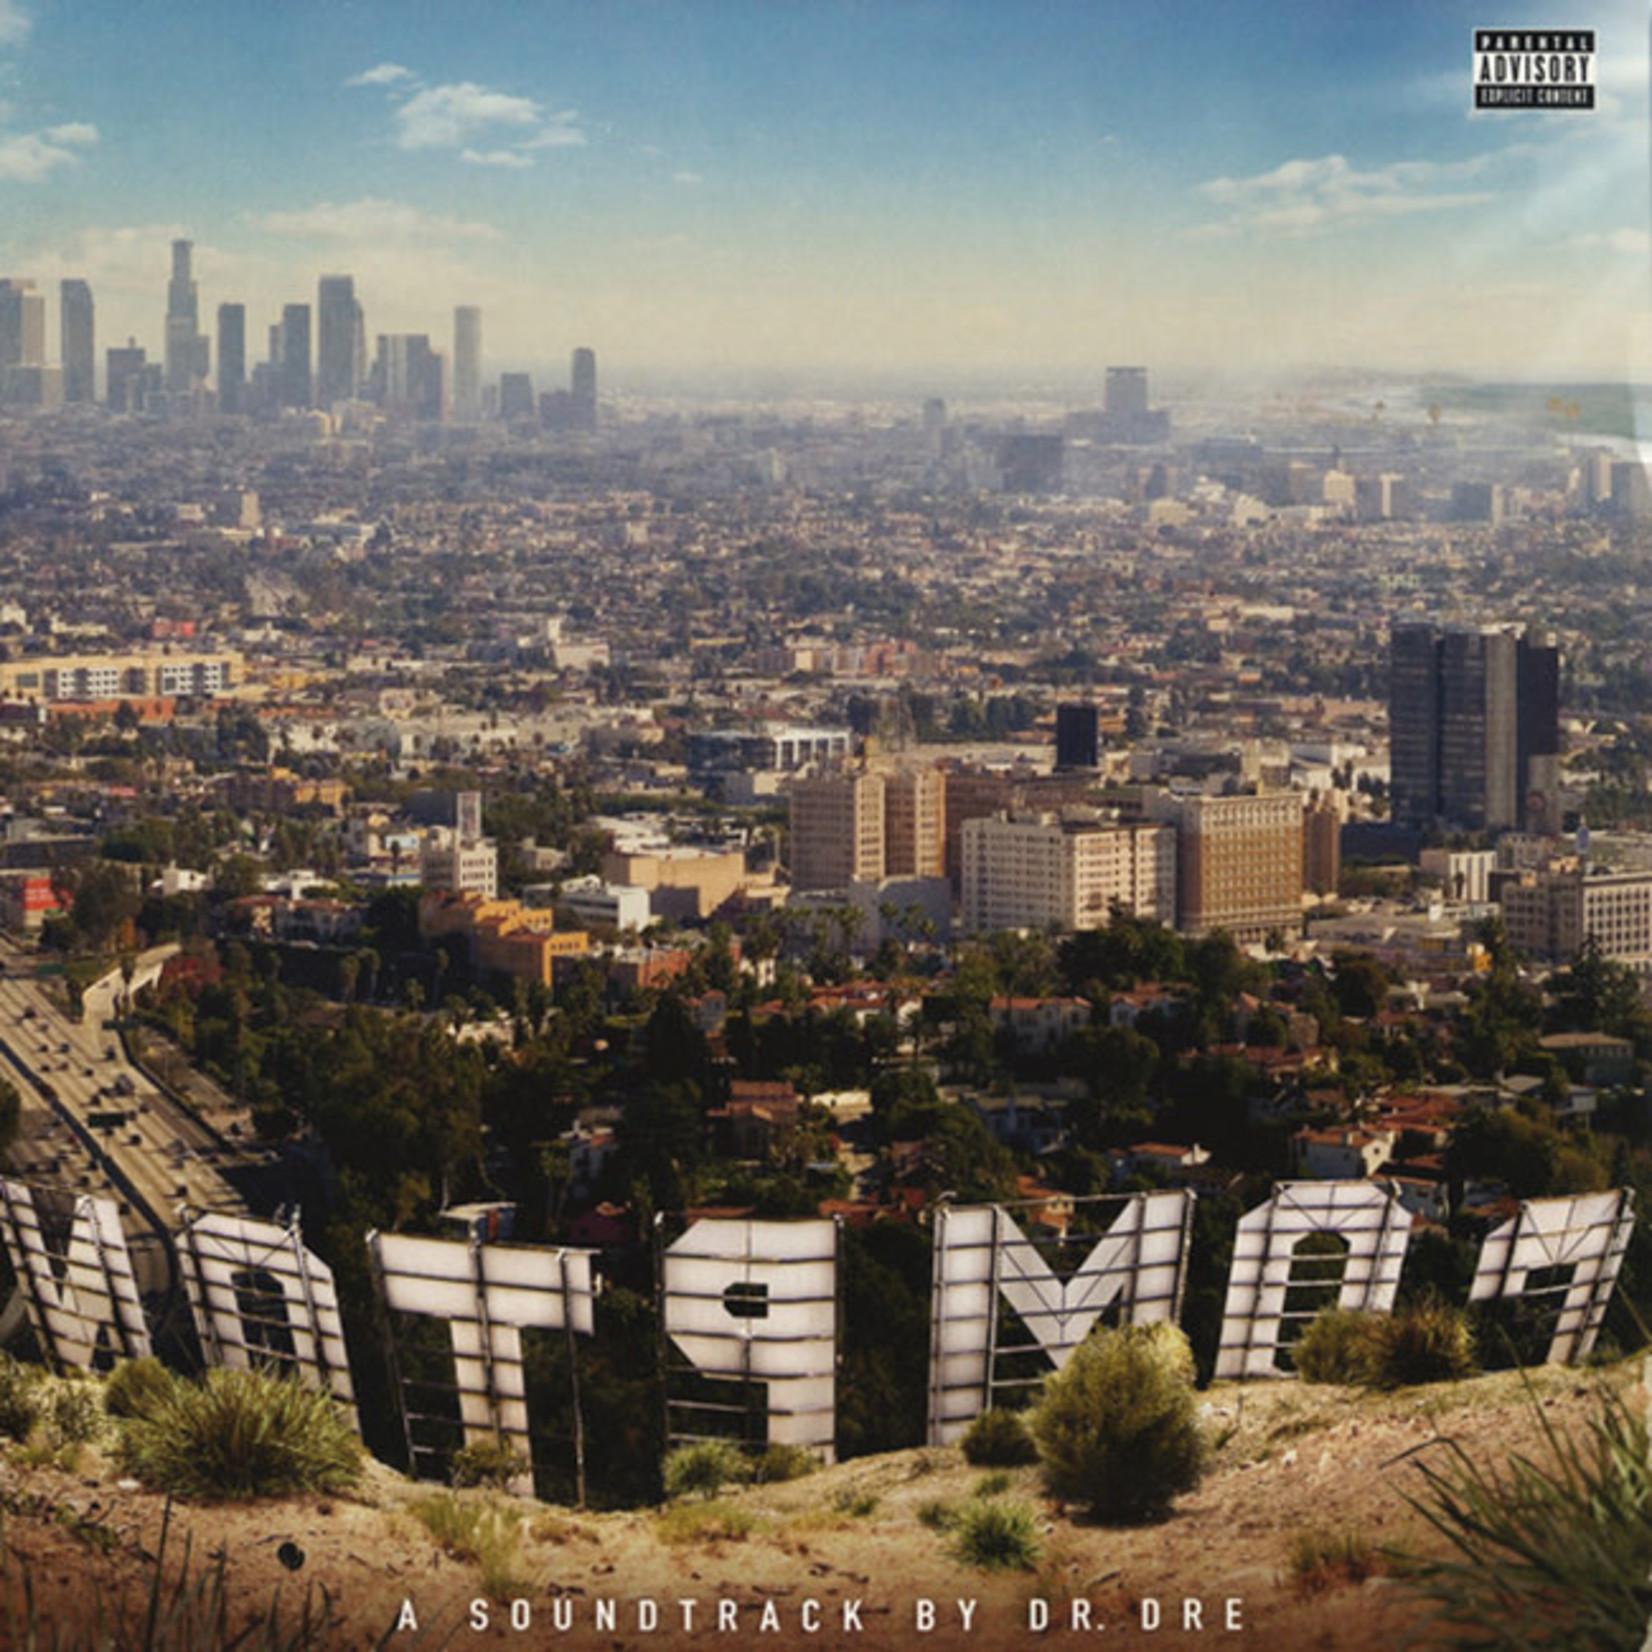 [New] Dr. Dre: Compton (2LP)